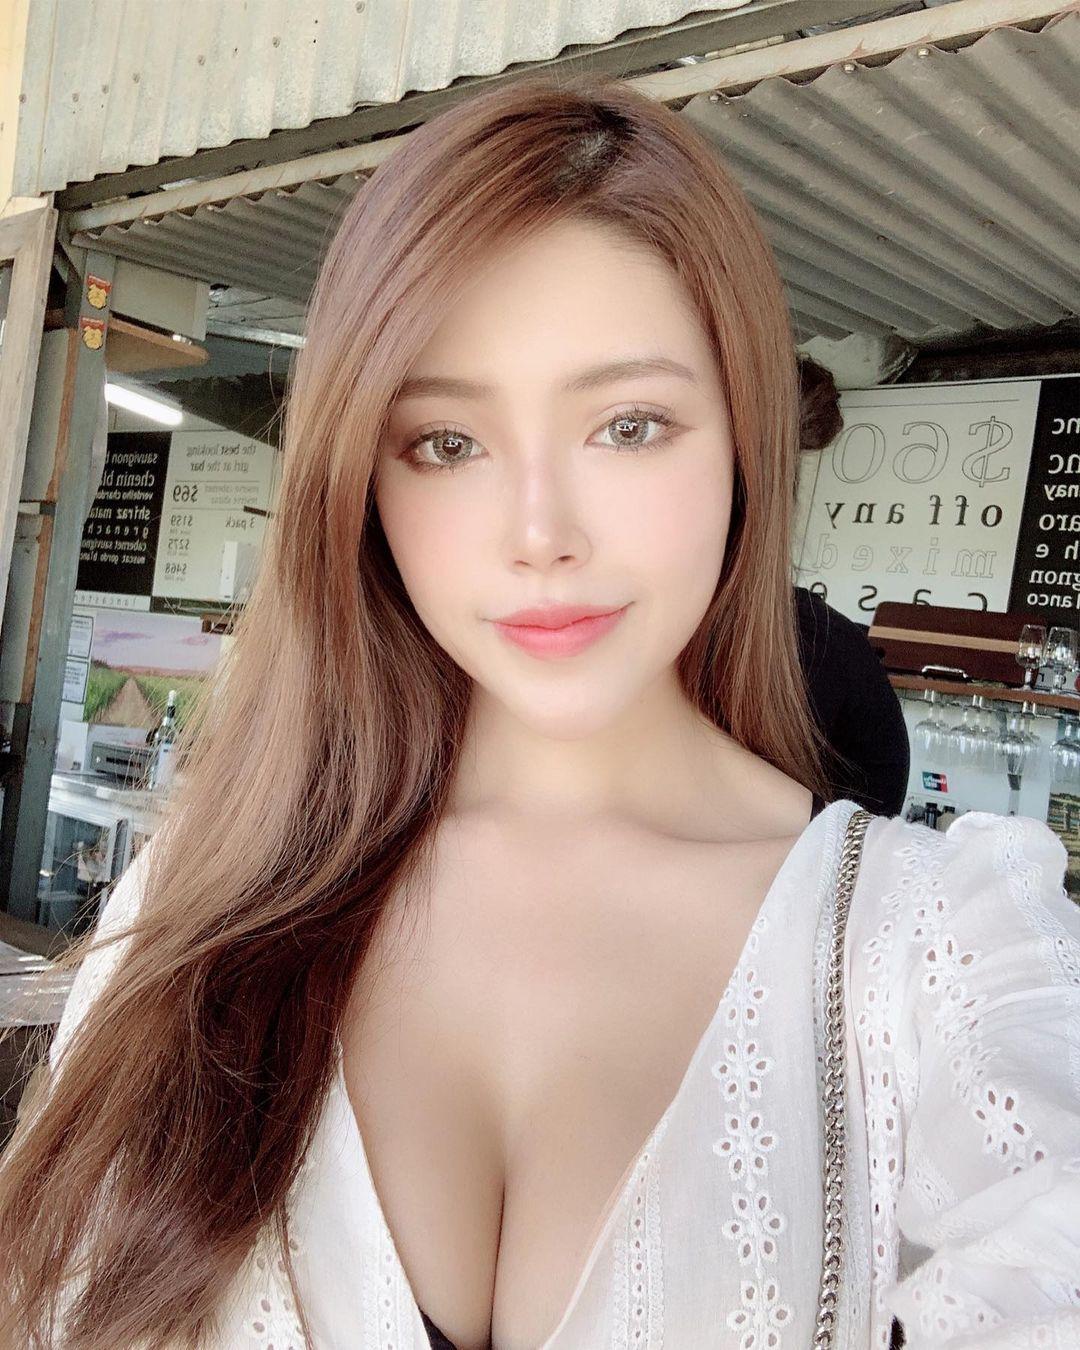 马来西亚的网红娜娜Hannah 回头率100%的超胸妹子 网络美女 第2张